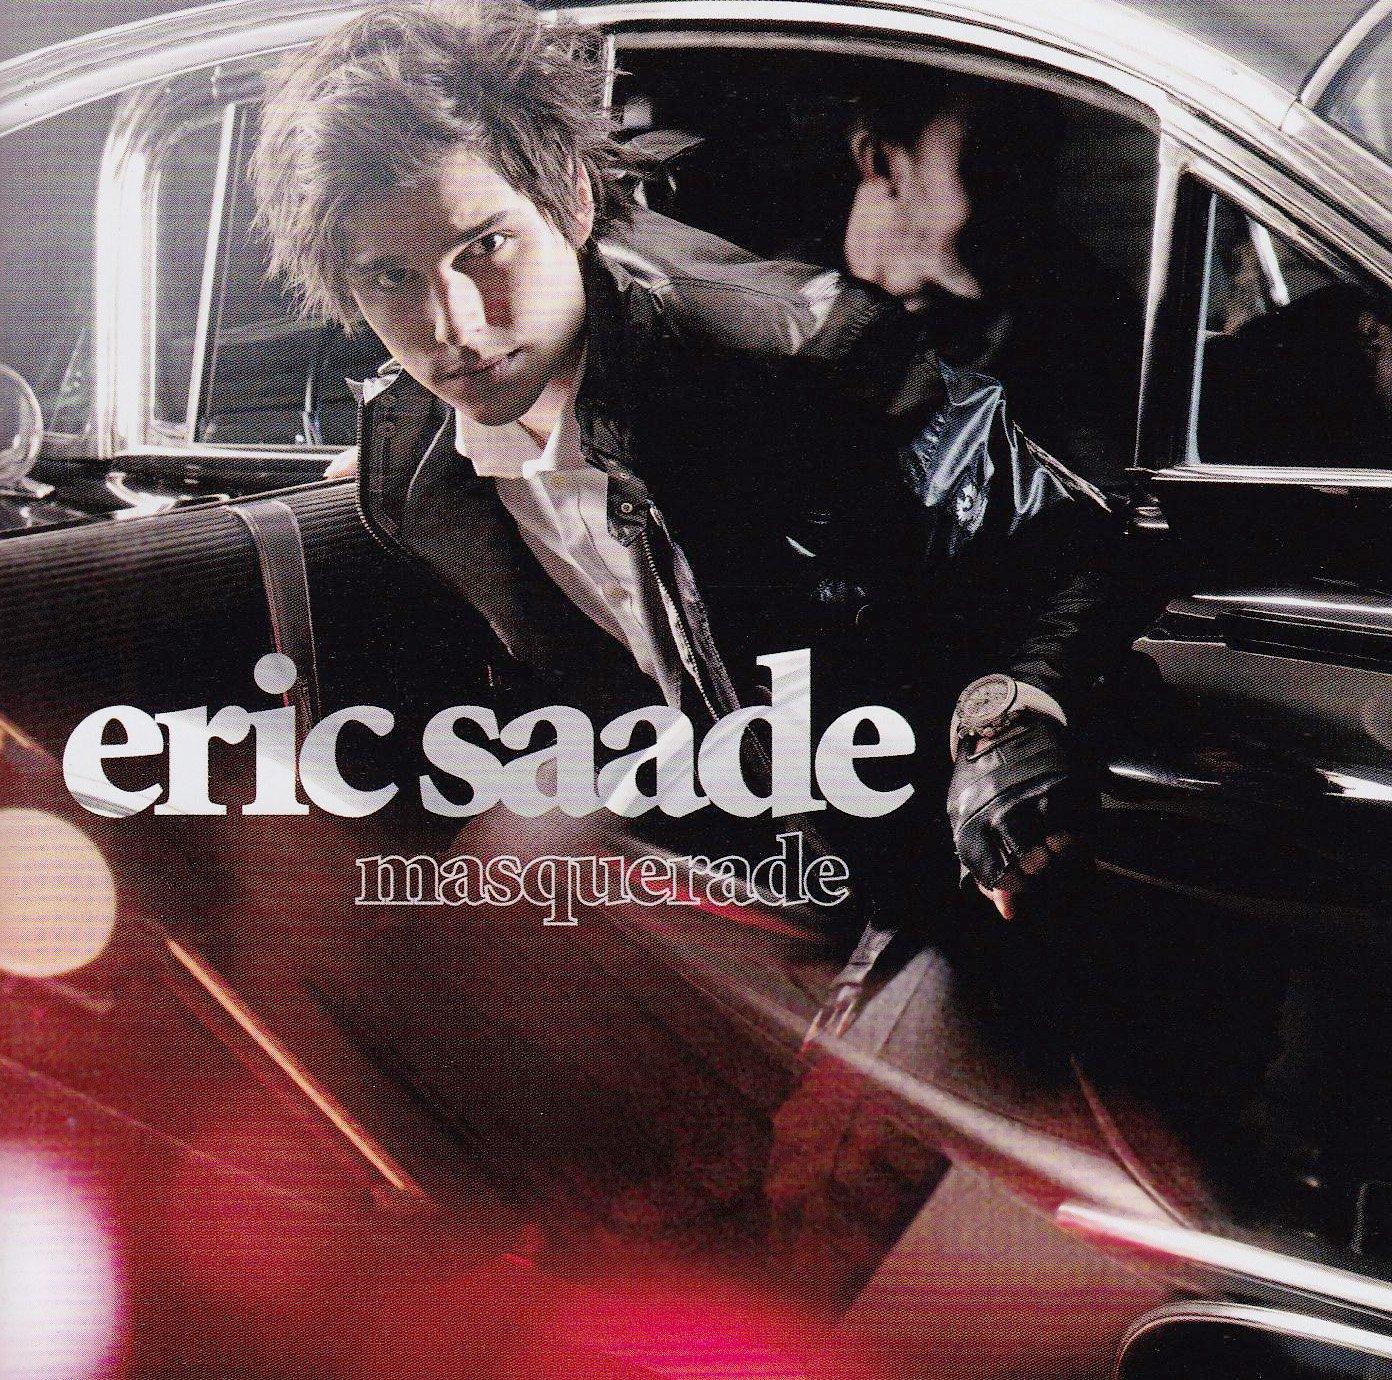 Eric east masquerade